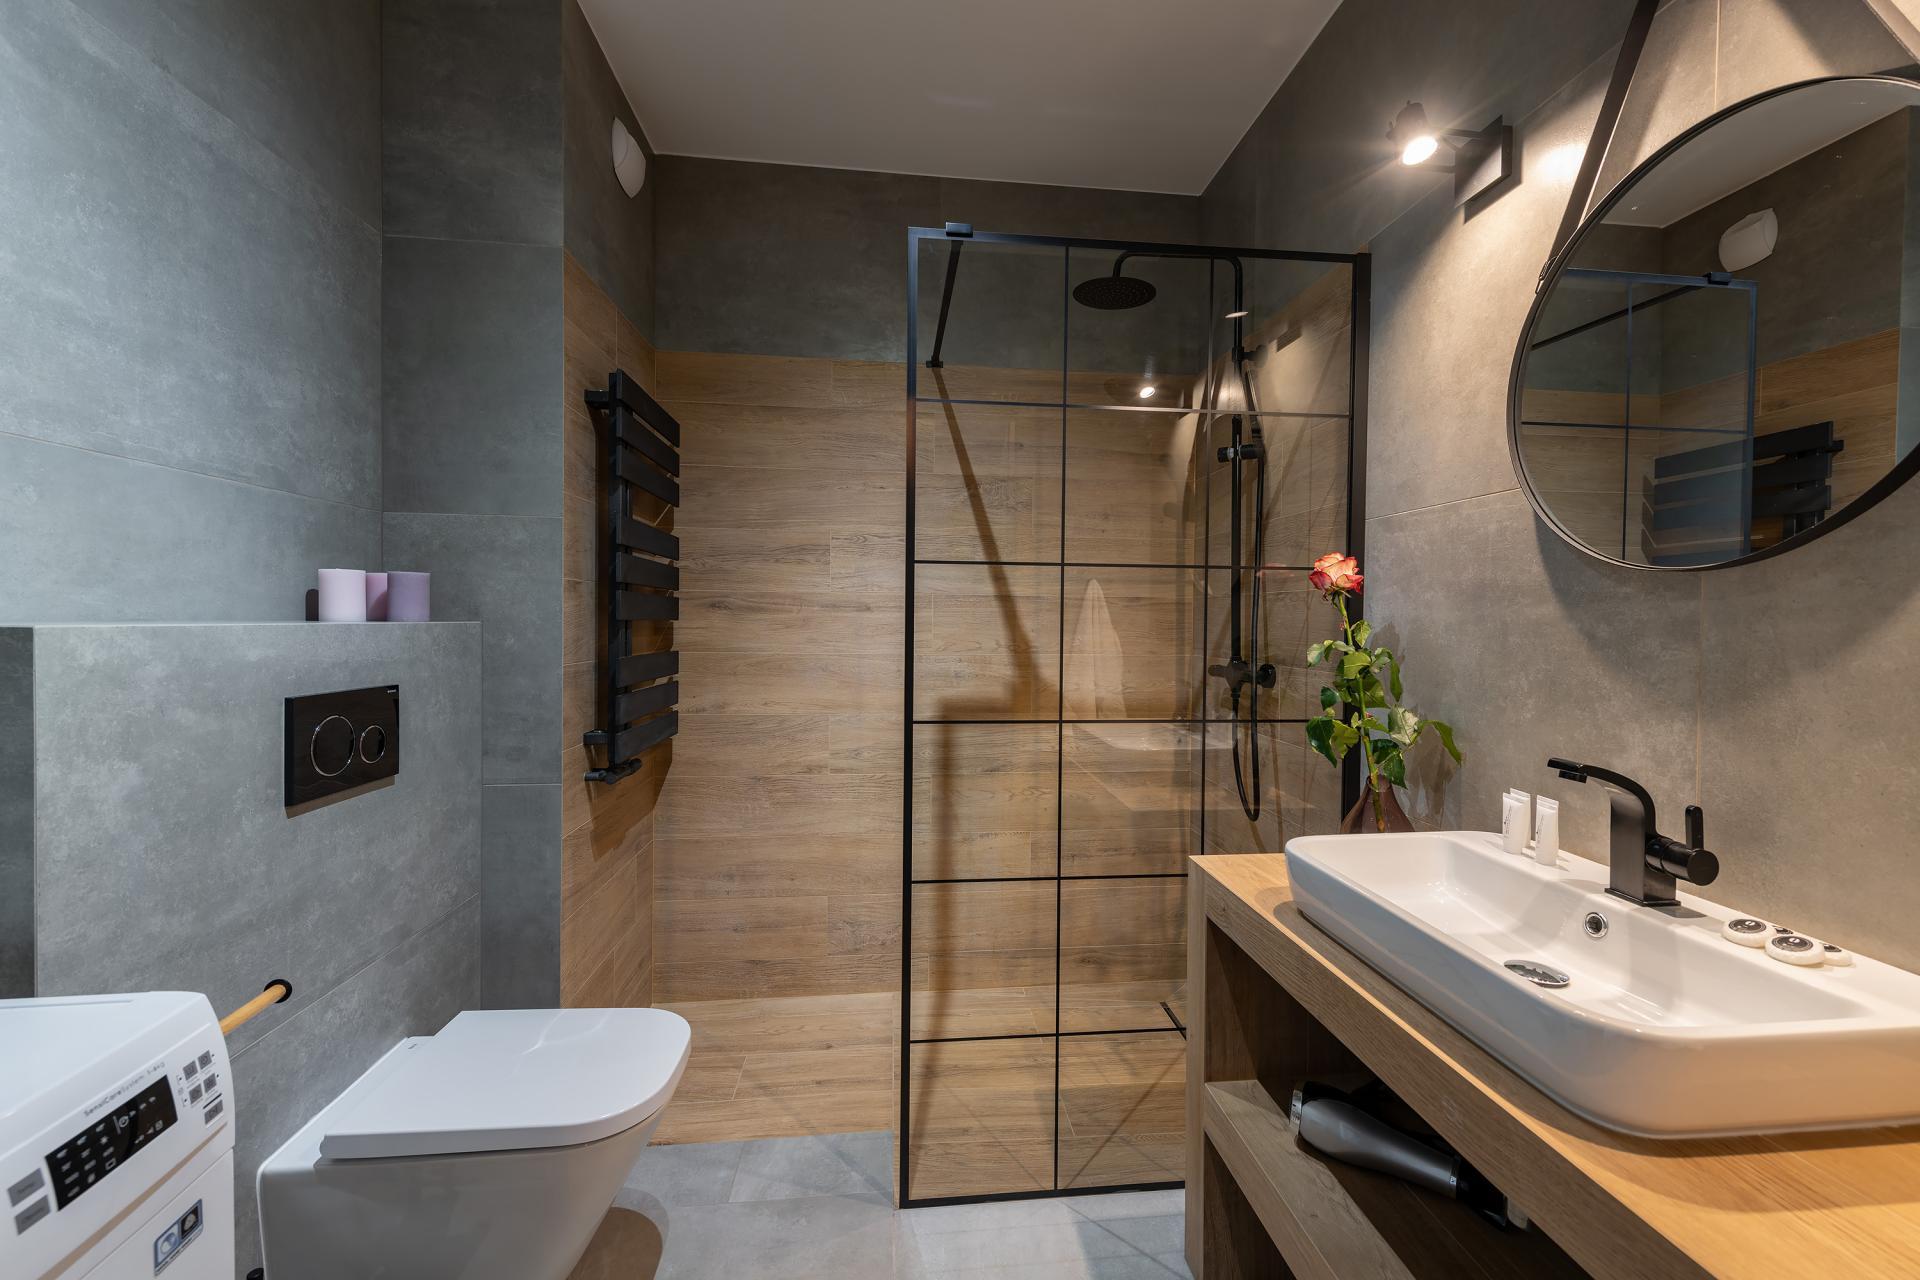 Shower at Cybernetyki Apartments, Sluzewiec, Warsaw